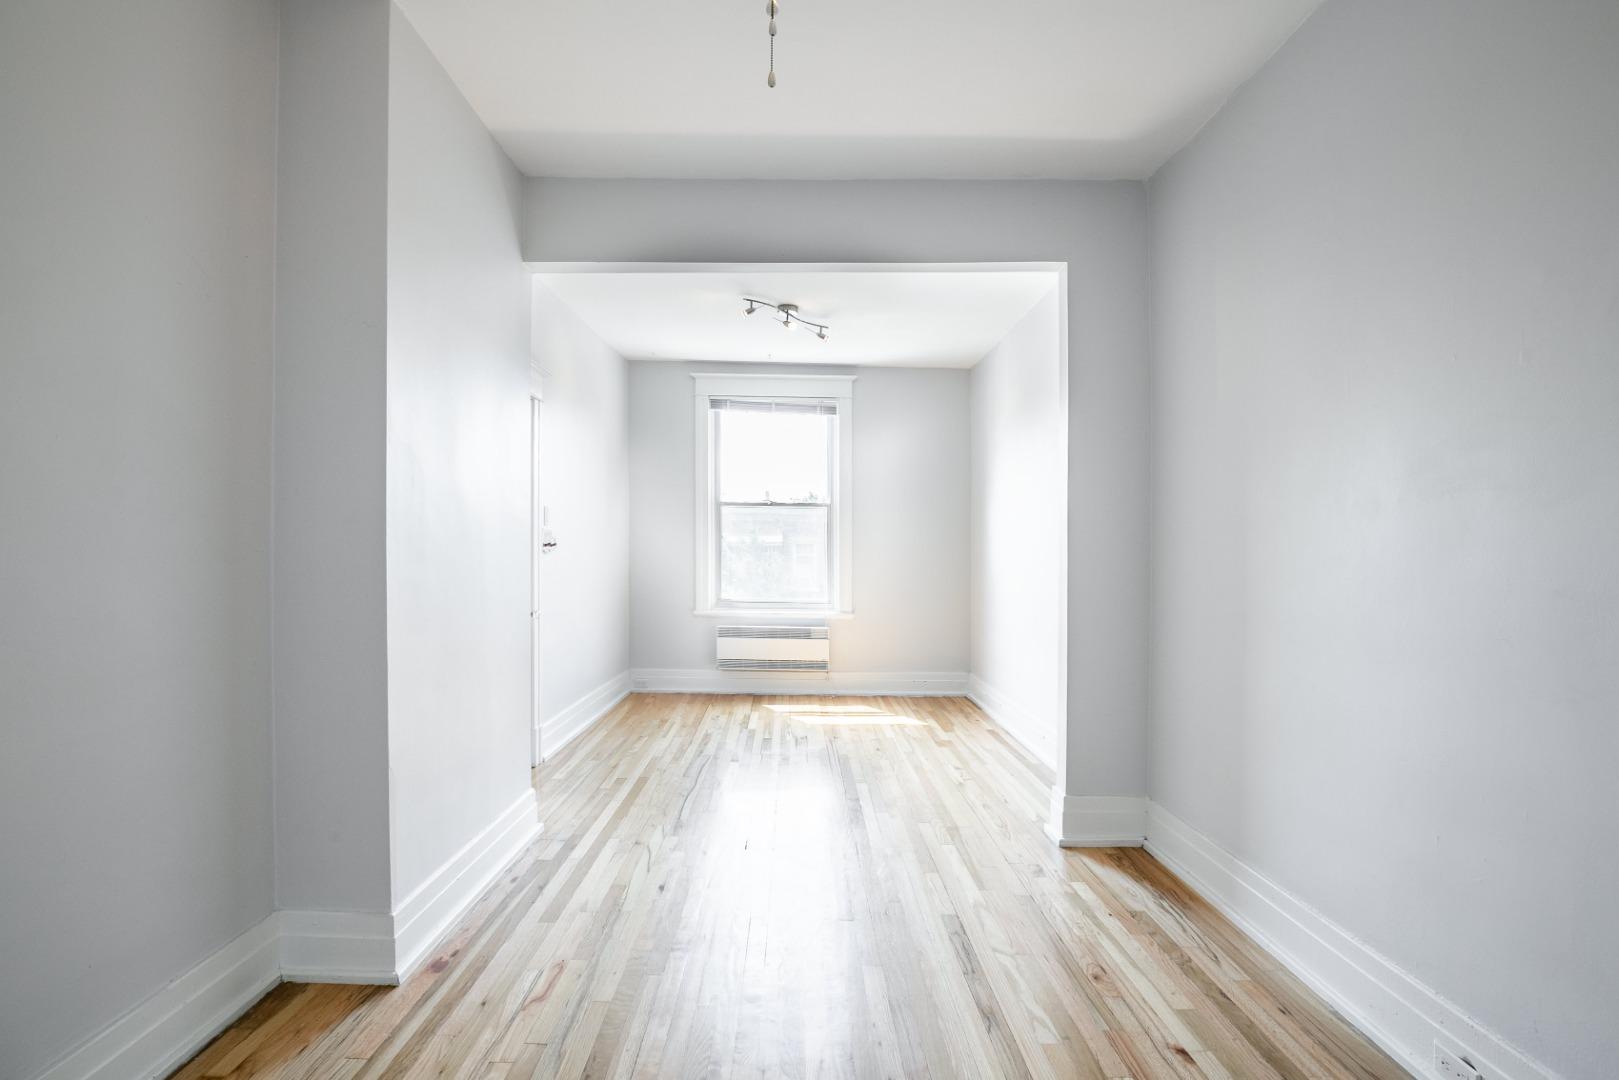 Appartement à louer Rosemont - 6403, rue de Bordeaux 5